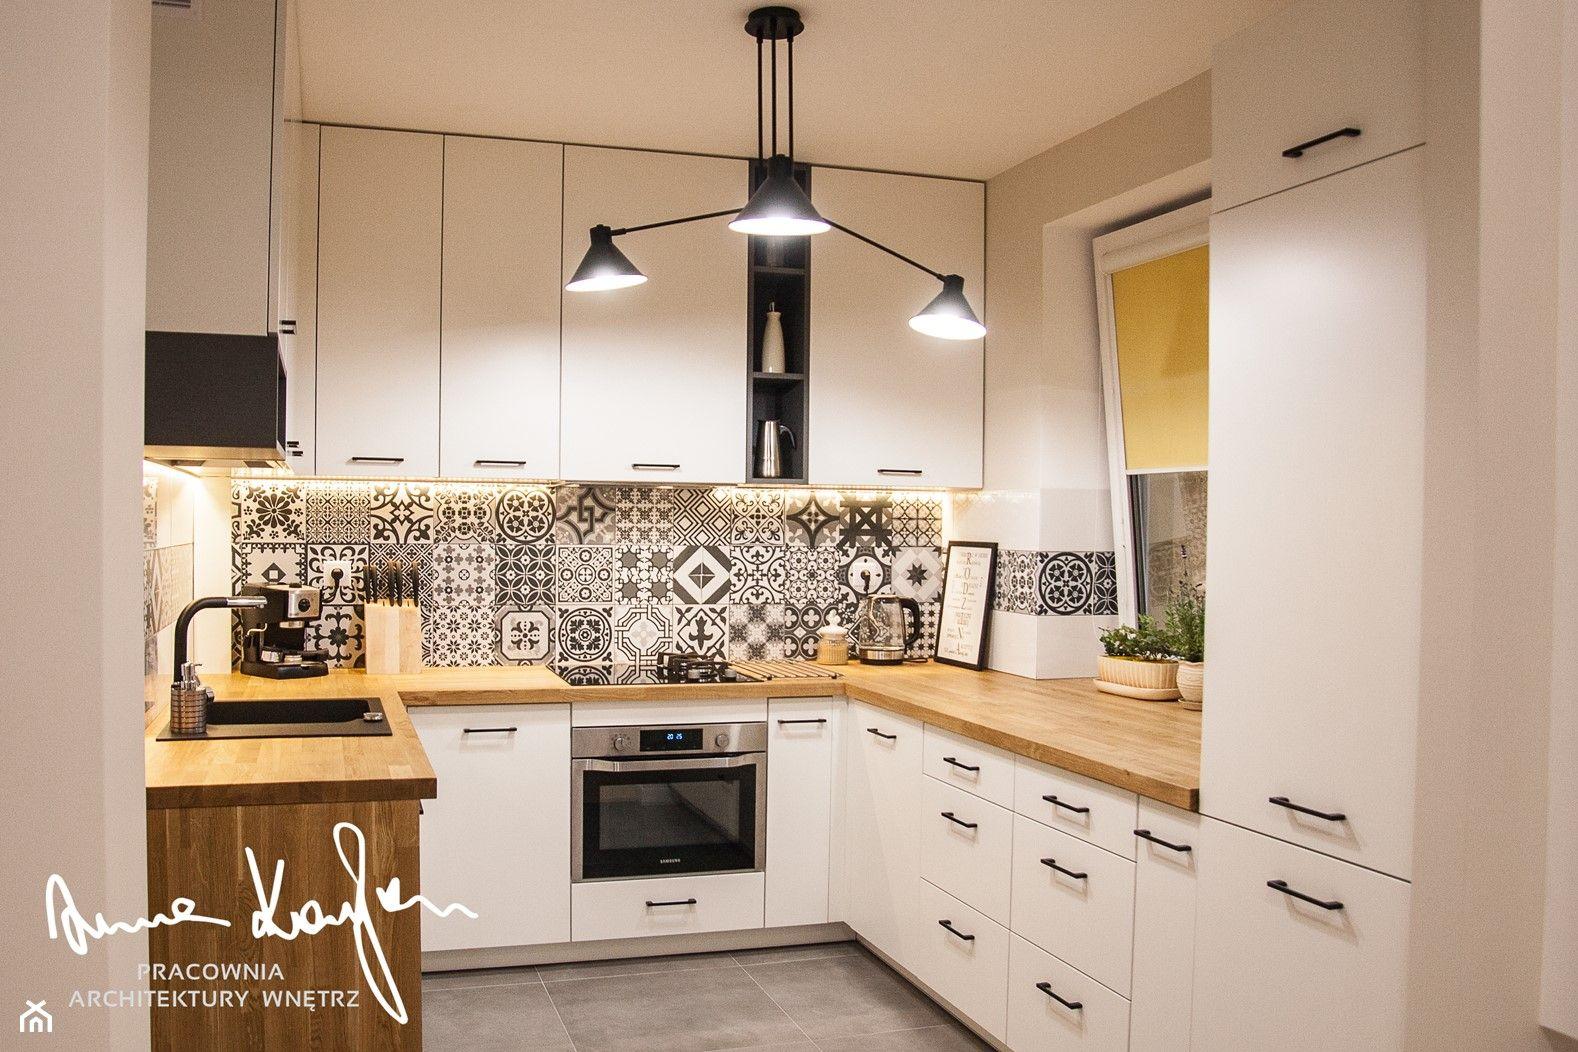 Kuchnia Styl Skandynawski Strona 3 Kitchen Inspiration Design Kitchen Design Small Kitchen Room Design